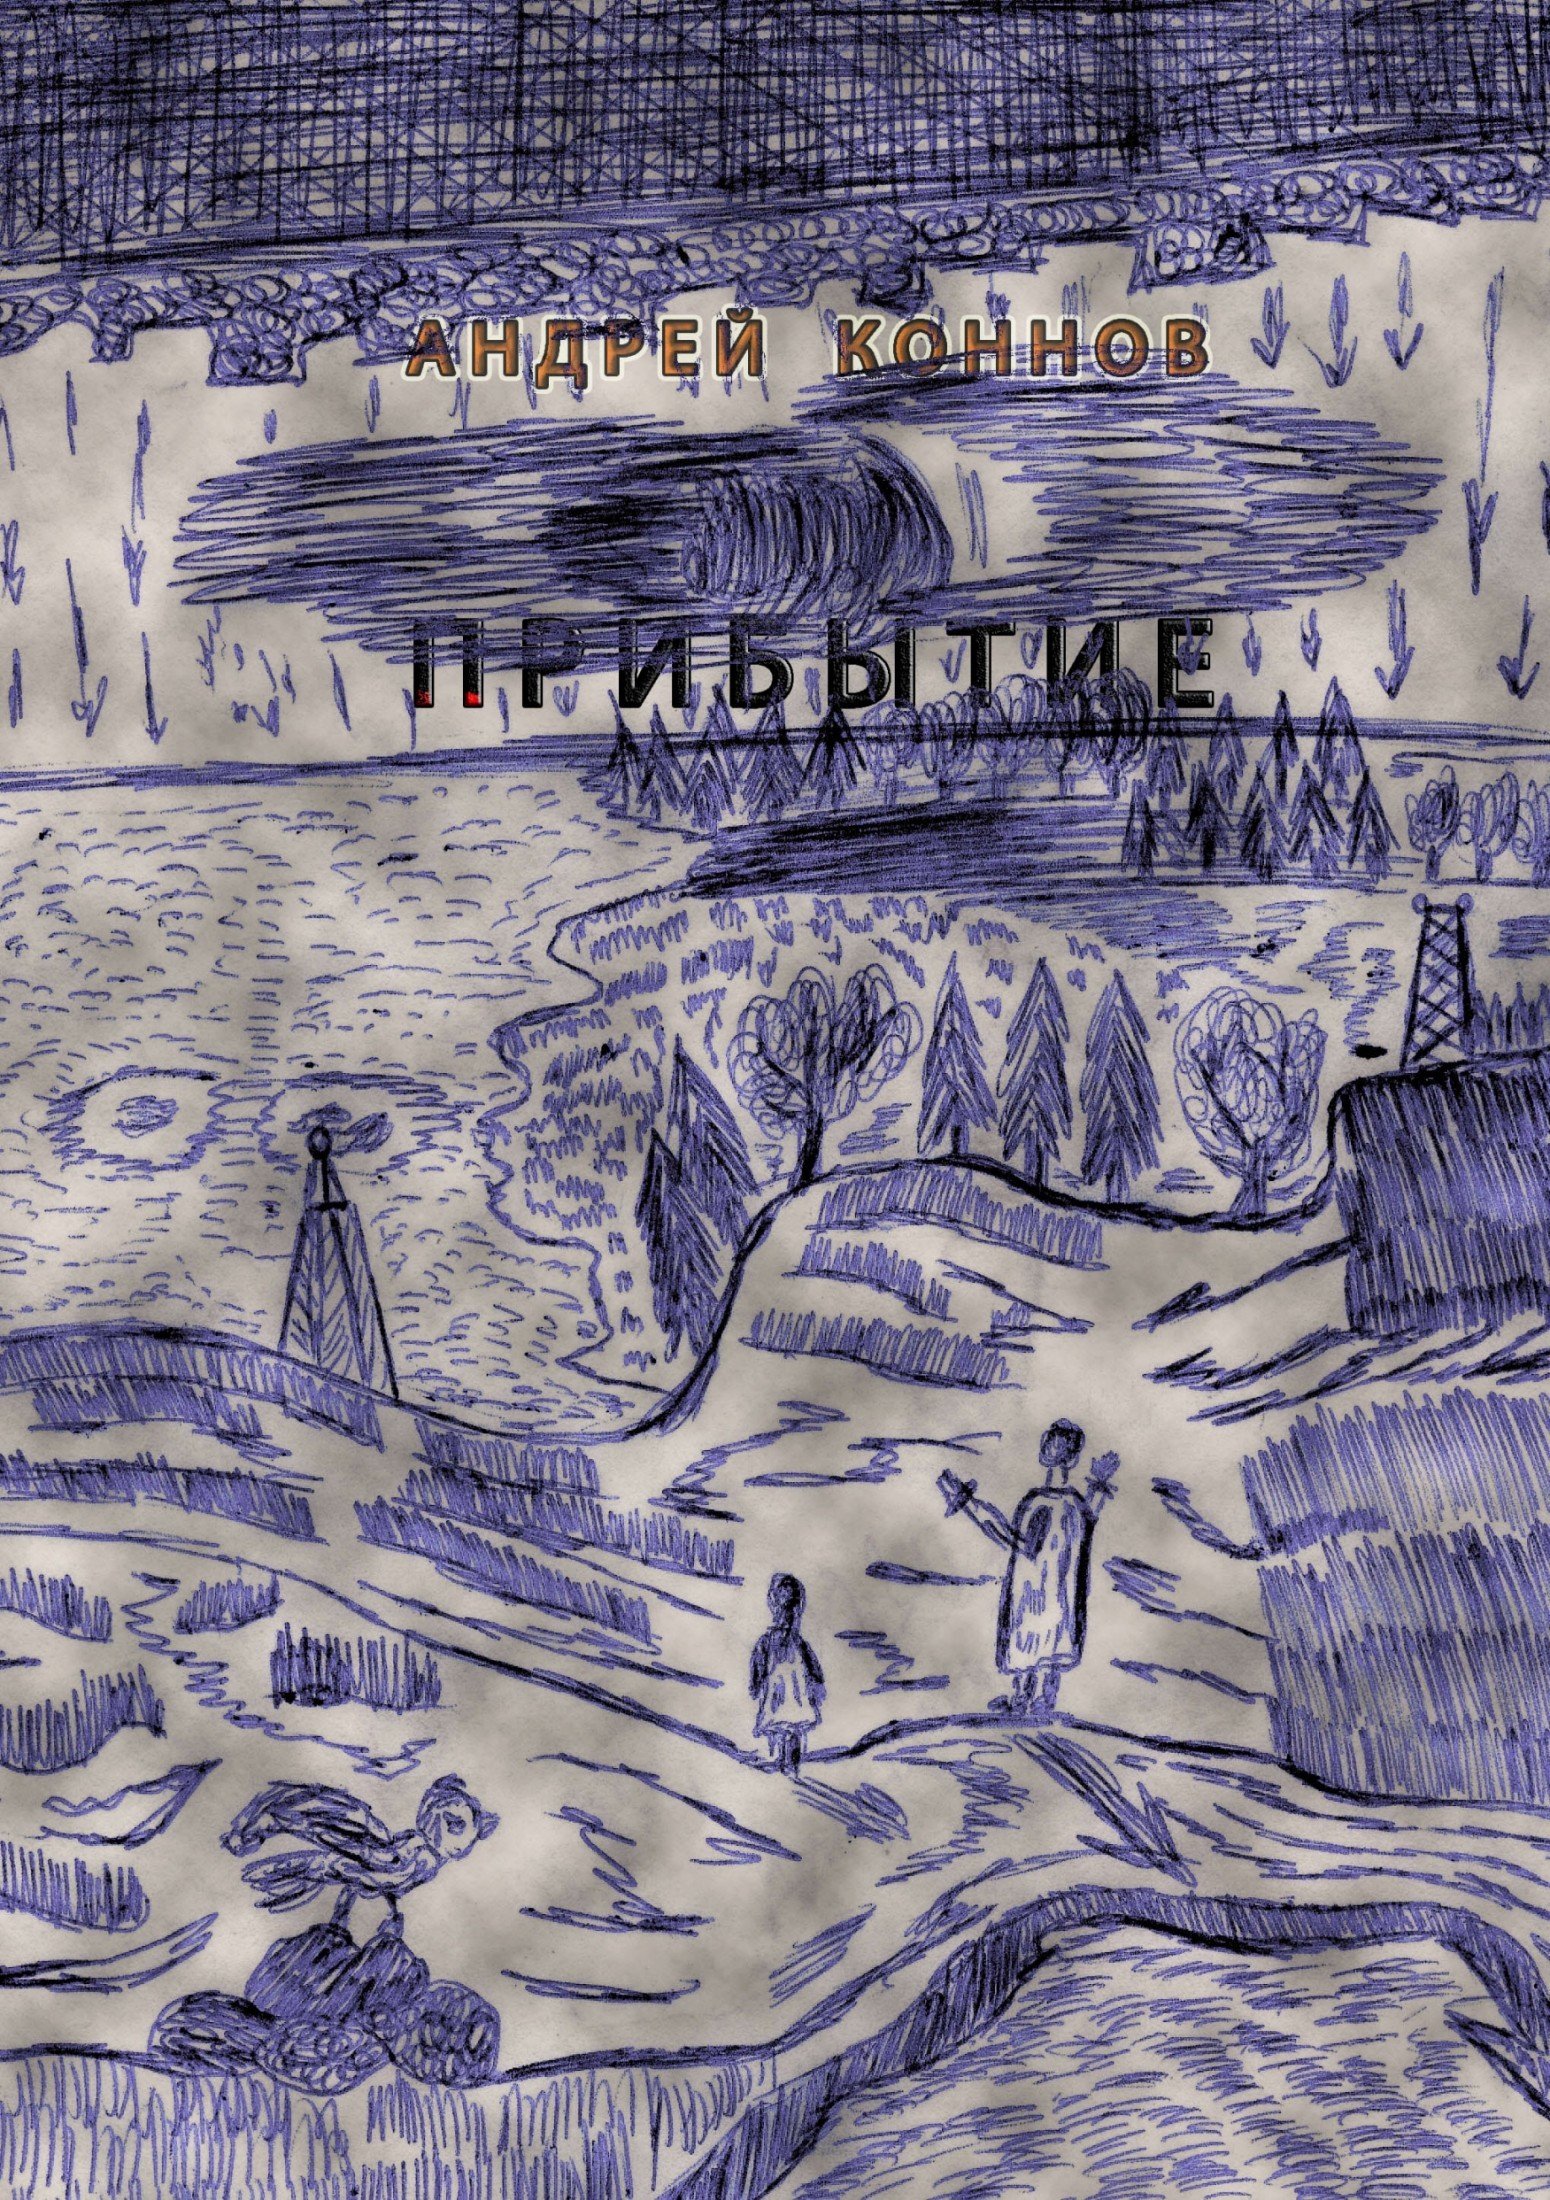 Андрей Коннов. Прибытие